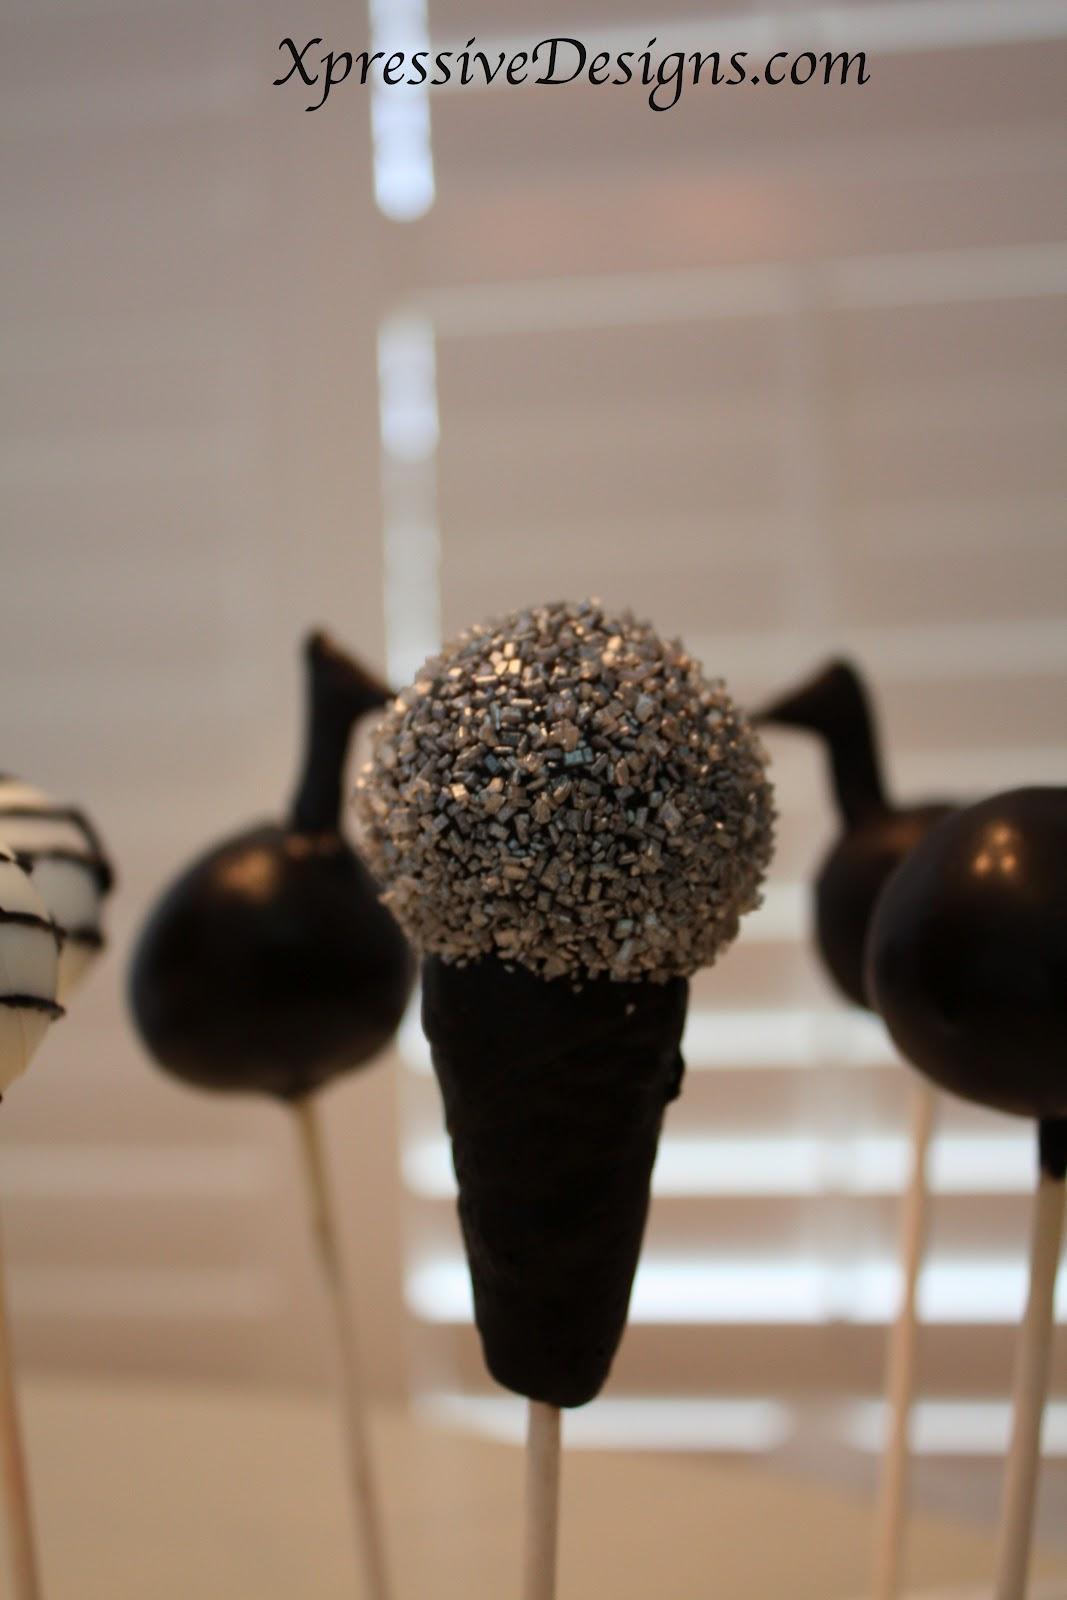 Xpressive Designs: Cake Pops